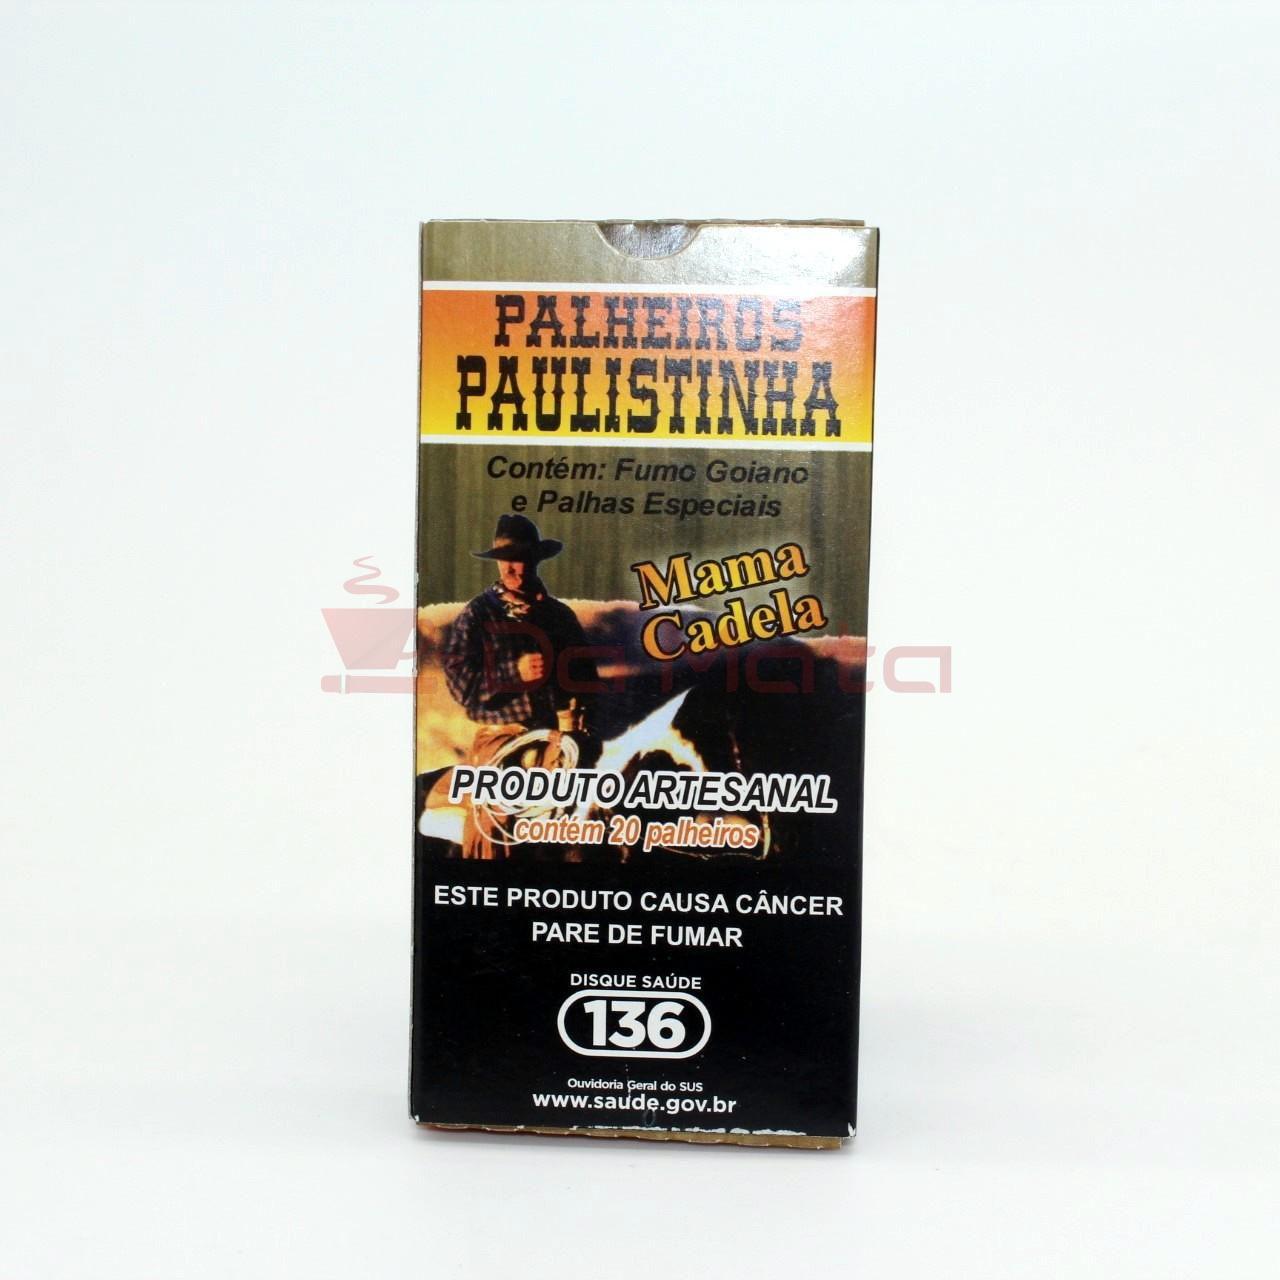 Palheiros Paulistinha - Mama Cadela